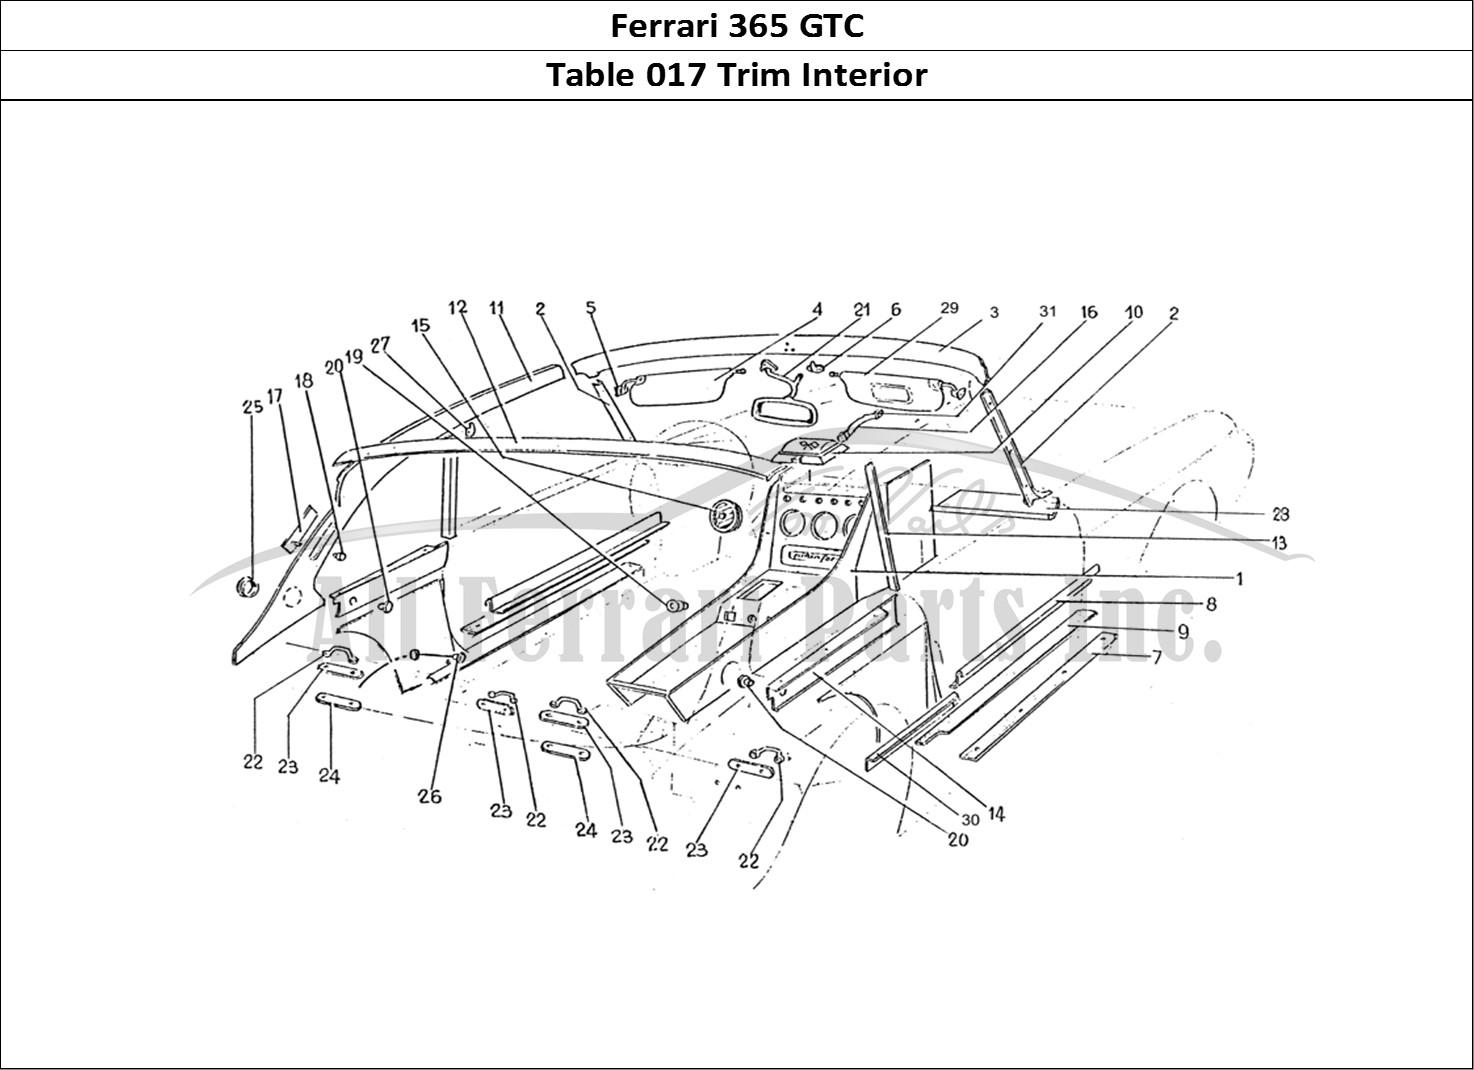 Buy Original Ferrari 365 Gtc 017 Trim Interior Ferrari